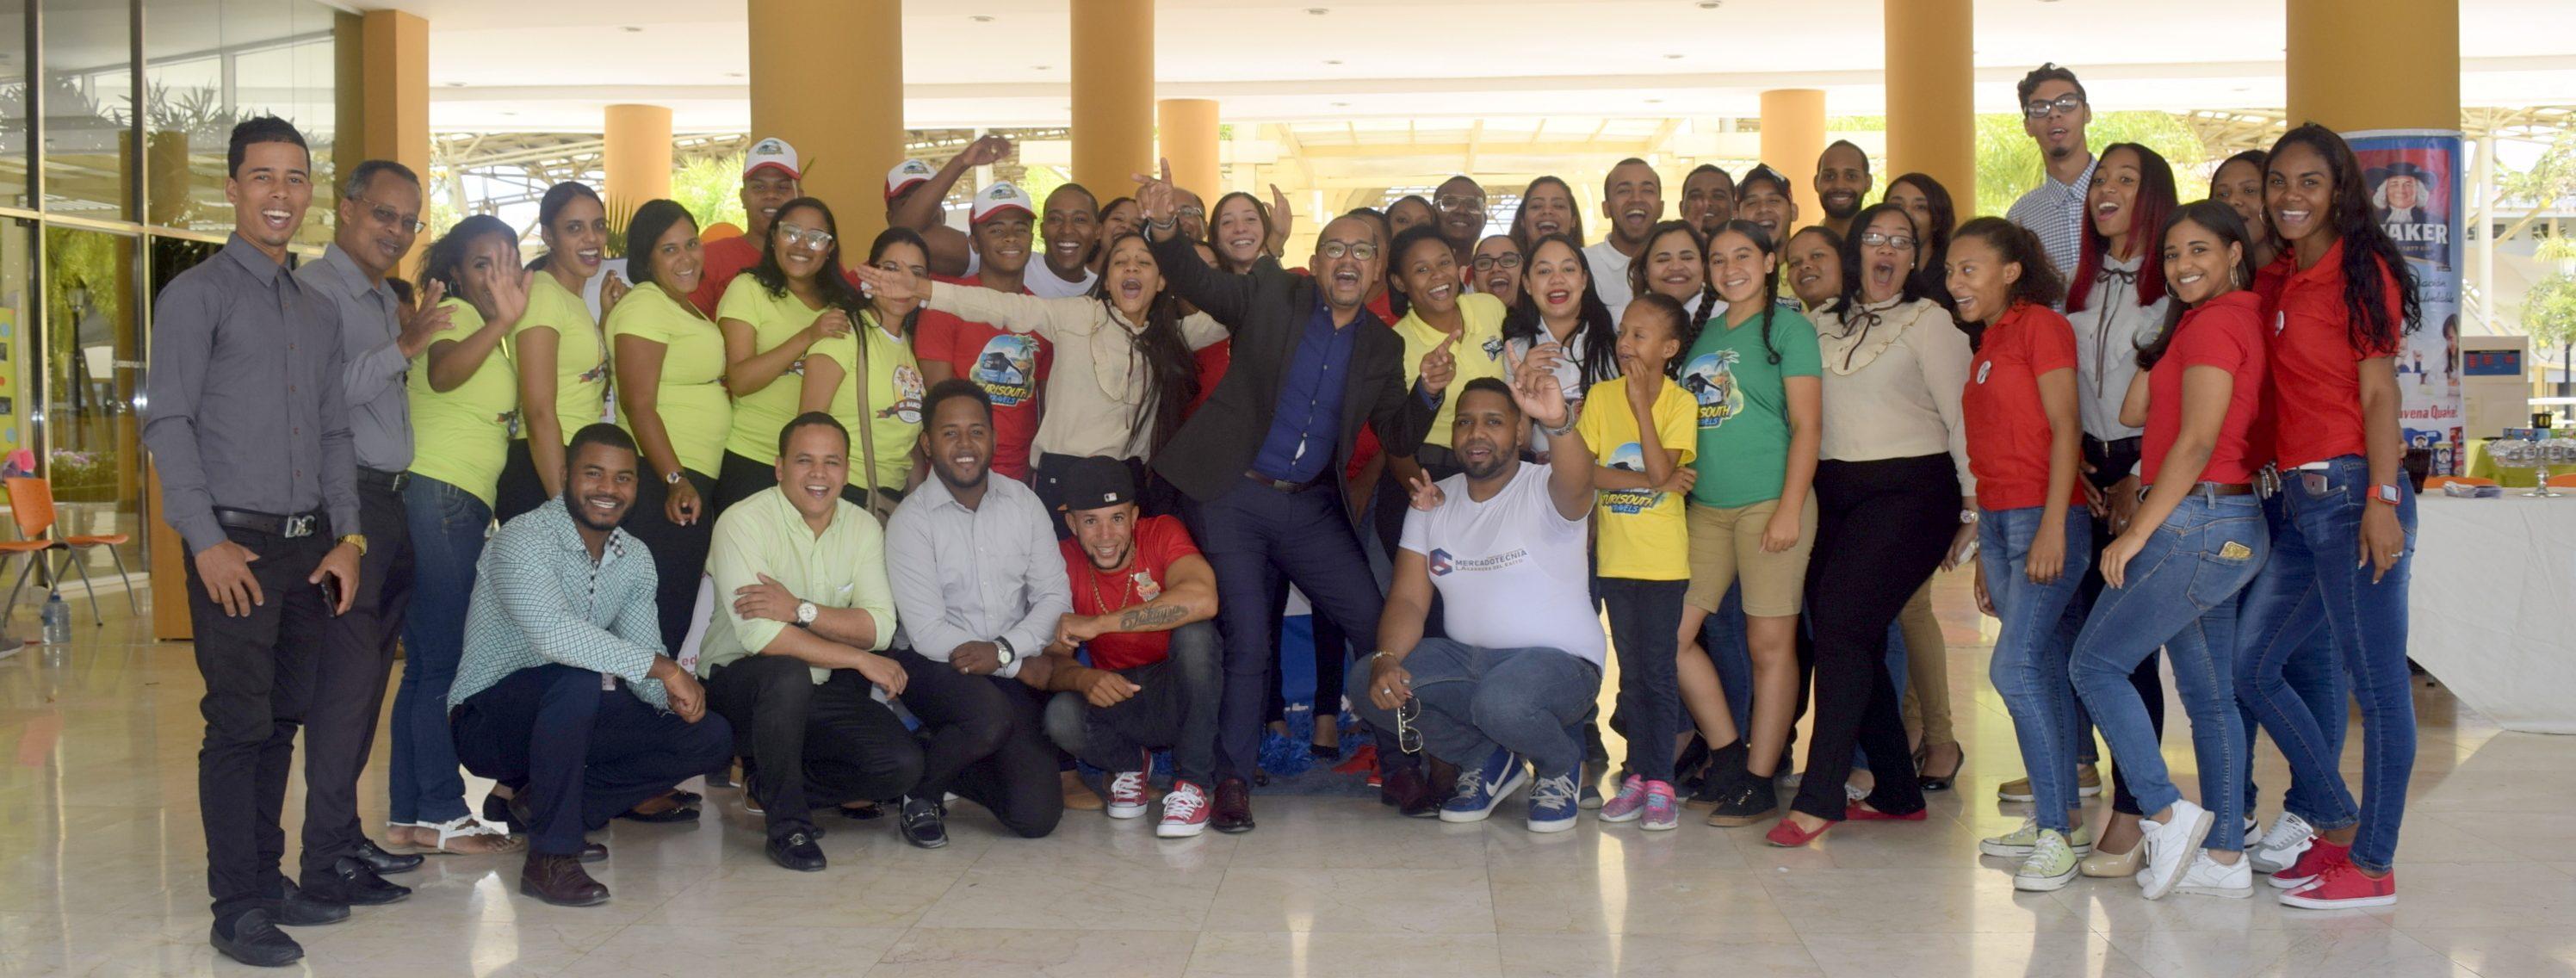 Estudiantes de la Carrera de Mercadotecnia en UASD Centro San Juan hacen presentación de proyectos finales.